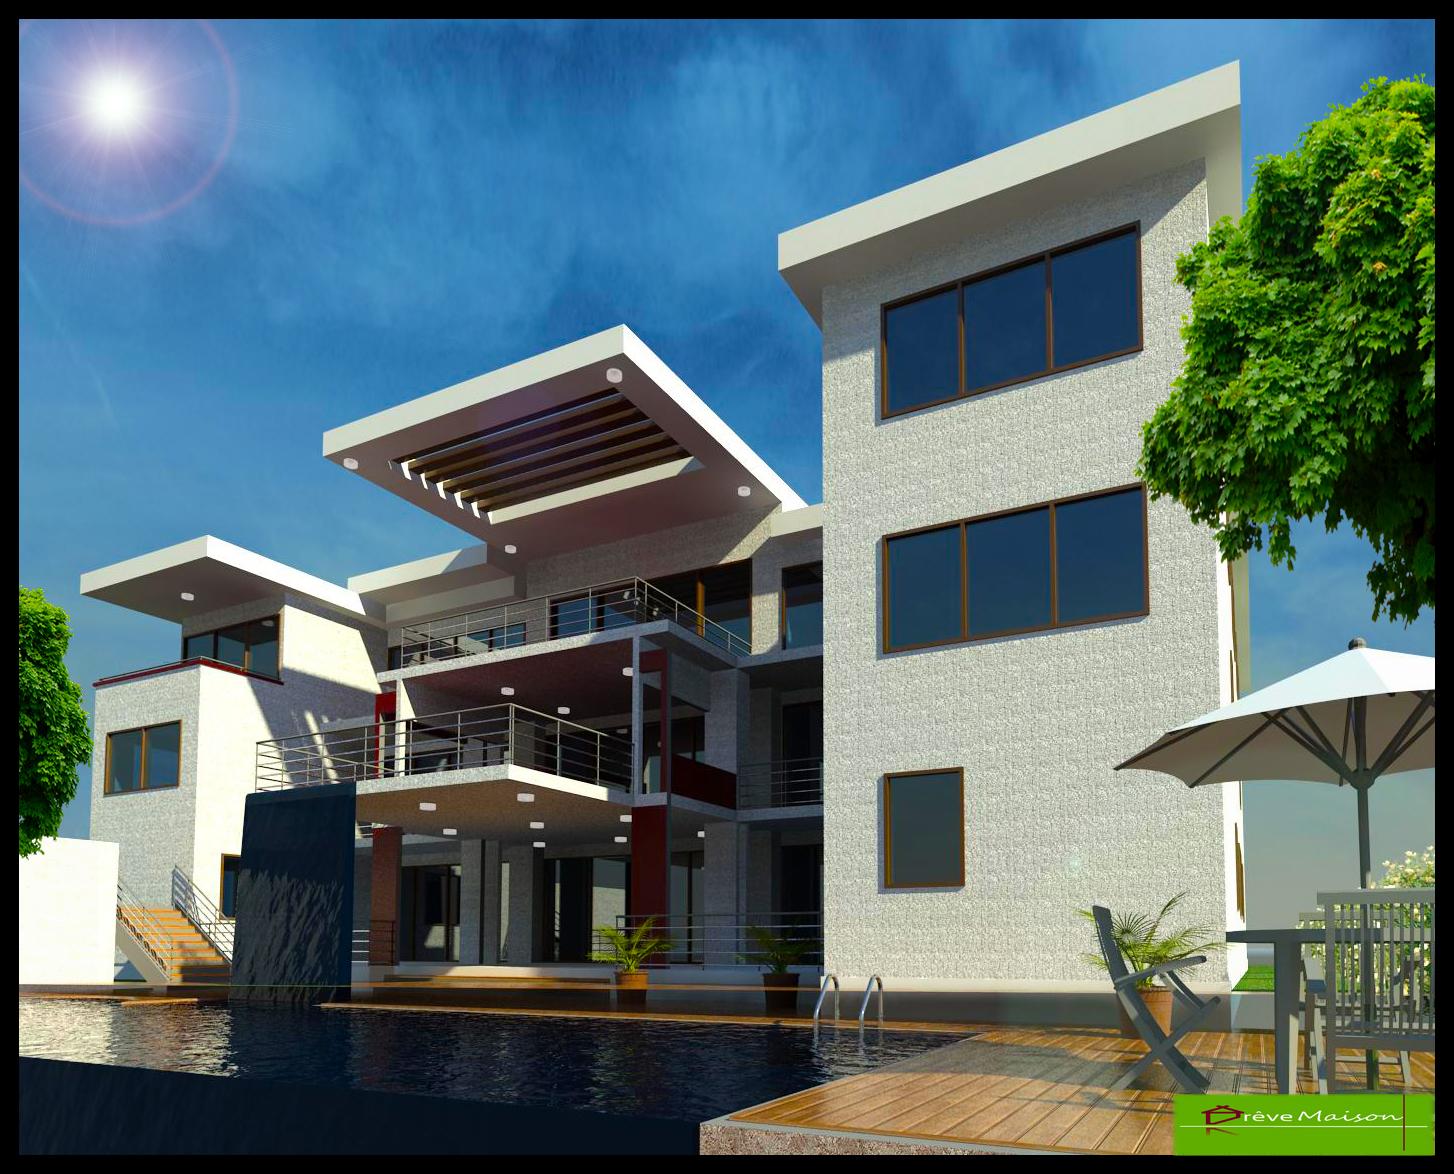 Construction exchange reve maison 3 d modelling residential for Reve maison